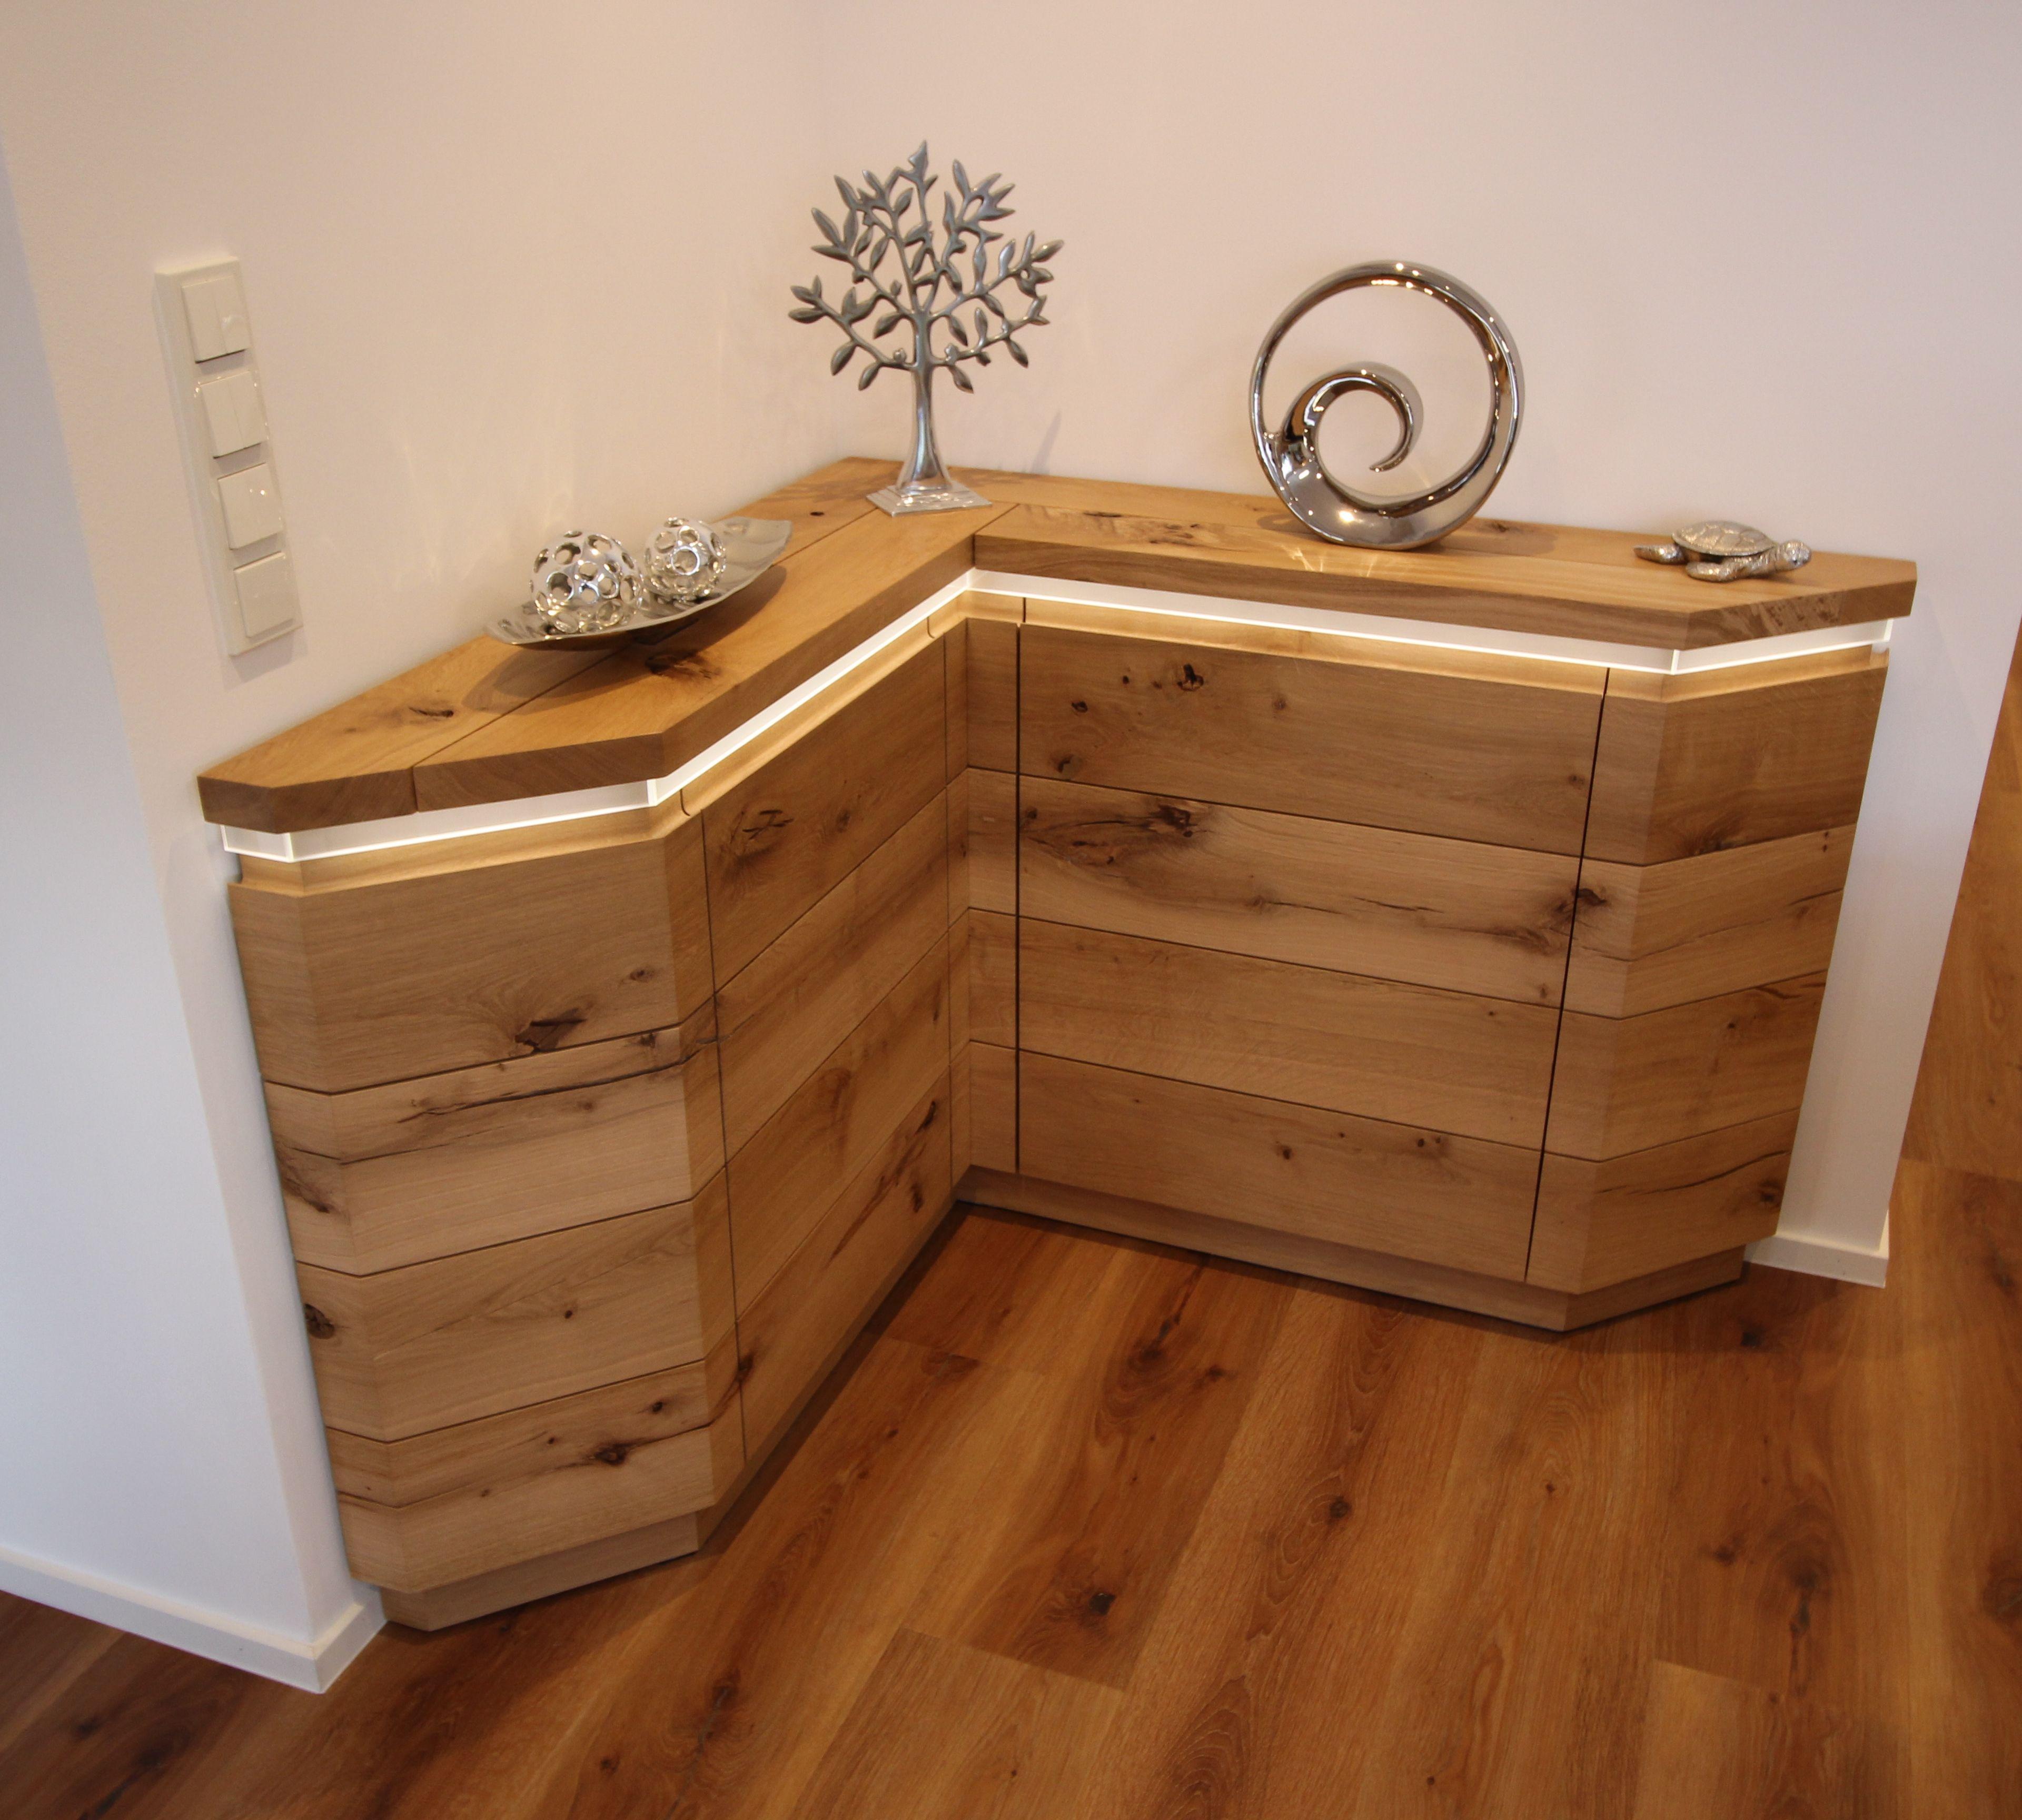 Sideboard über Eck in Eiche, vom Tischler gefertigt